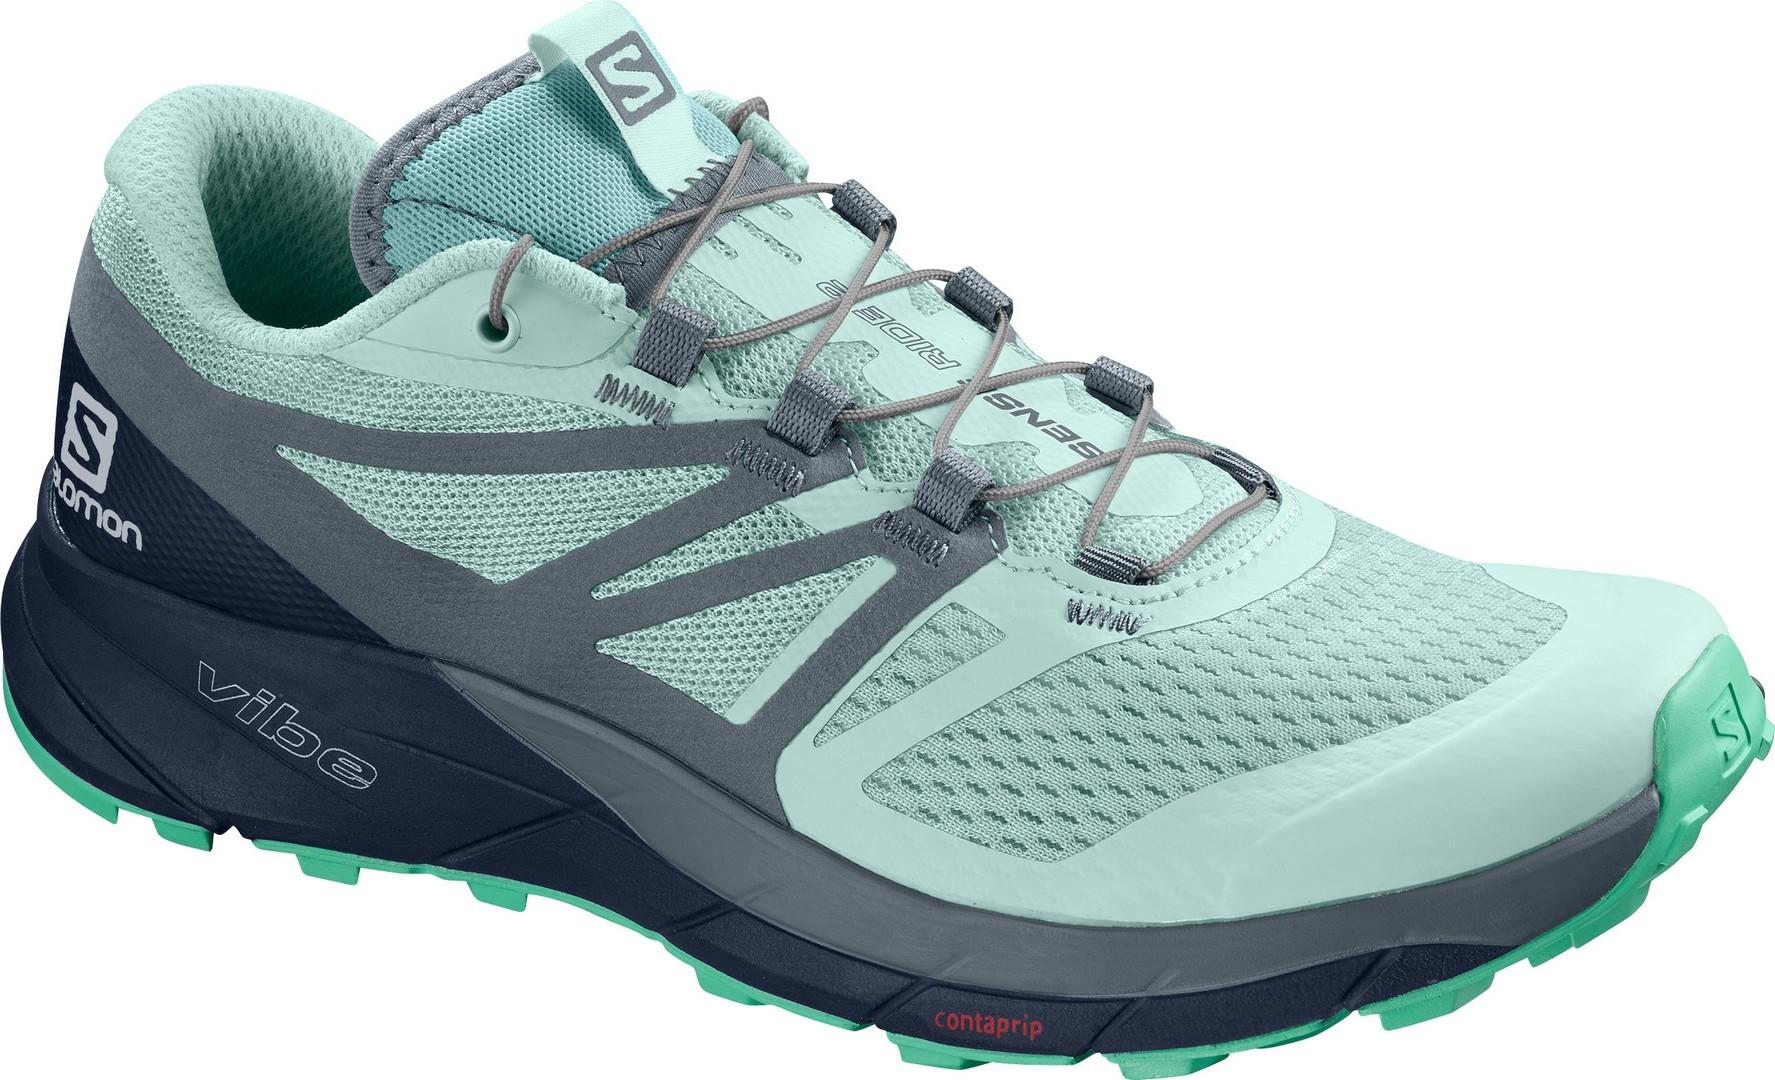 Salomon SENSE RIDE 2 W, ženske tenisice za trčanje, zelena